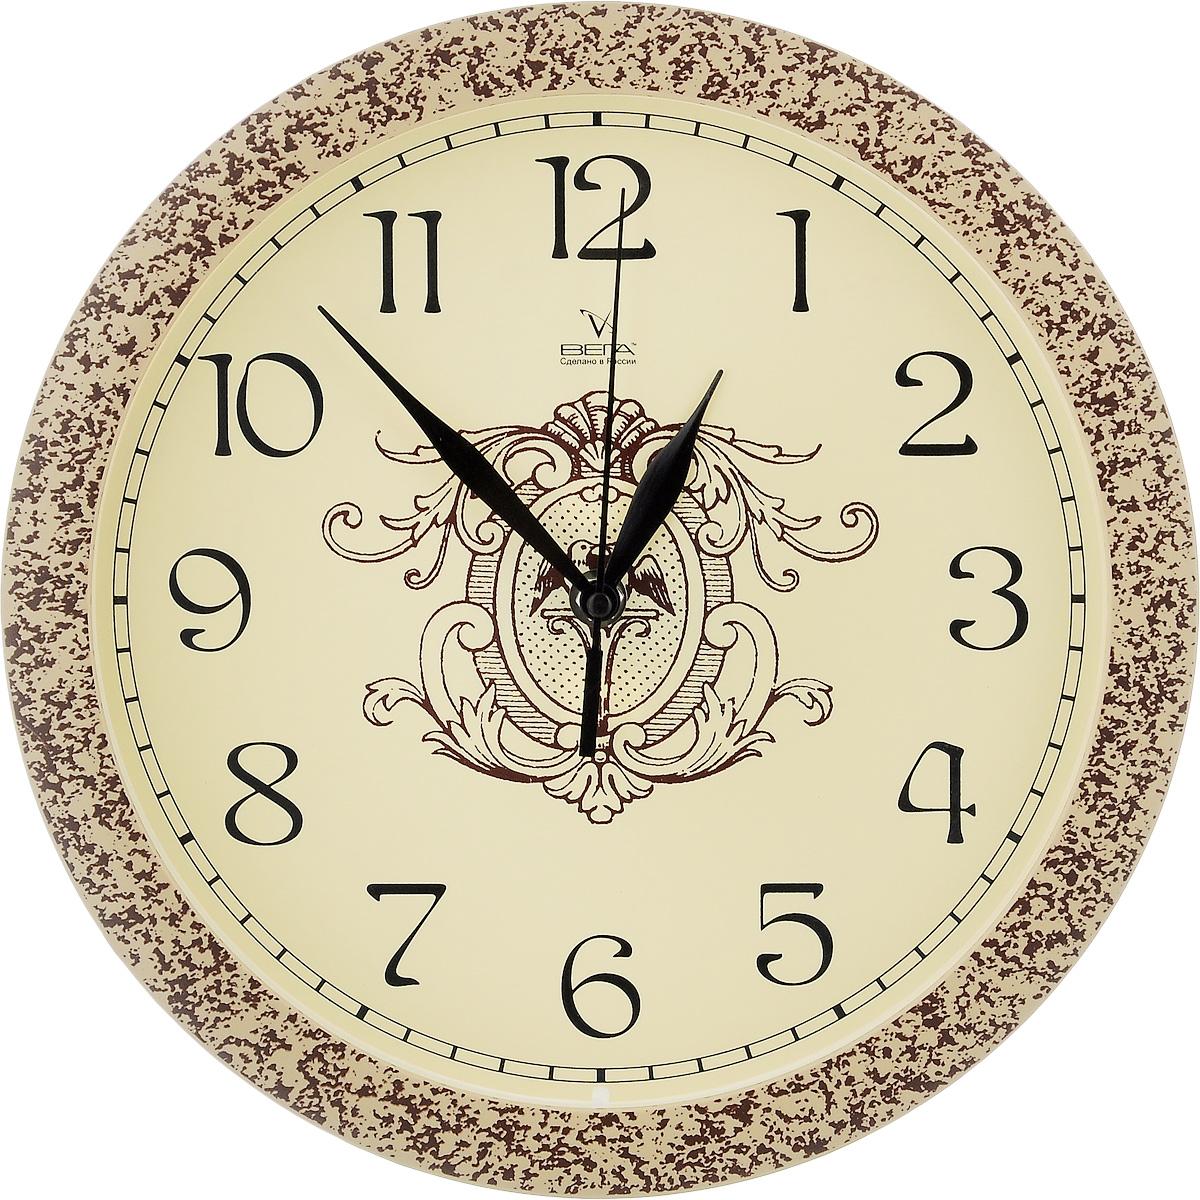 Часы настенные Вега Классика, цвет: бежевый, коричневый, диаметр 28,5 см. П1-1492/754 009312Настенные кварцевые часы Вега Классика, изготовленные из пластика, прекрасно впишутся в интерьер вашего дома. Круглые часы имеют три стрелки: часовую, минутную и секундную, циферблат защищен прозрачным стеклом. Часы работают от 1 батарейки типа АА напряжением 1,5 В (не входит в комплект). Диаметр часов: 28,5 см.